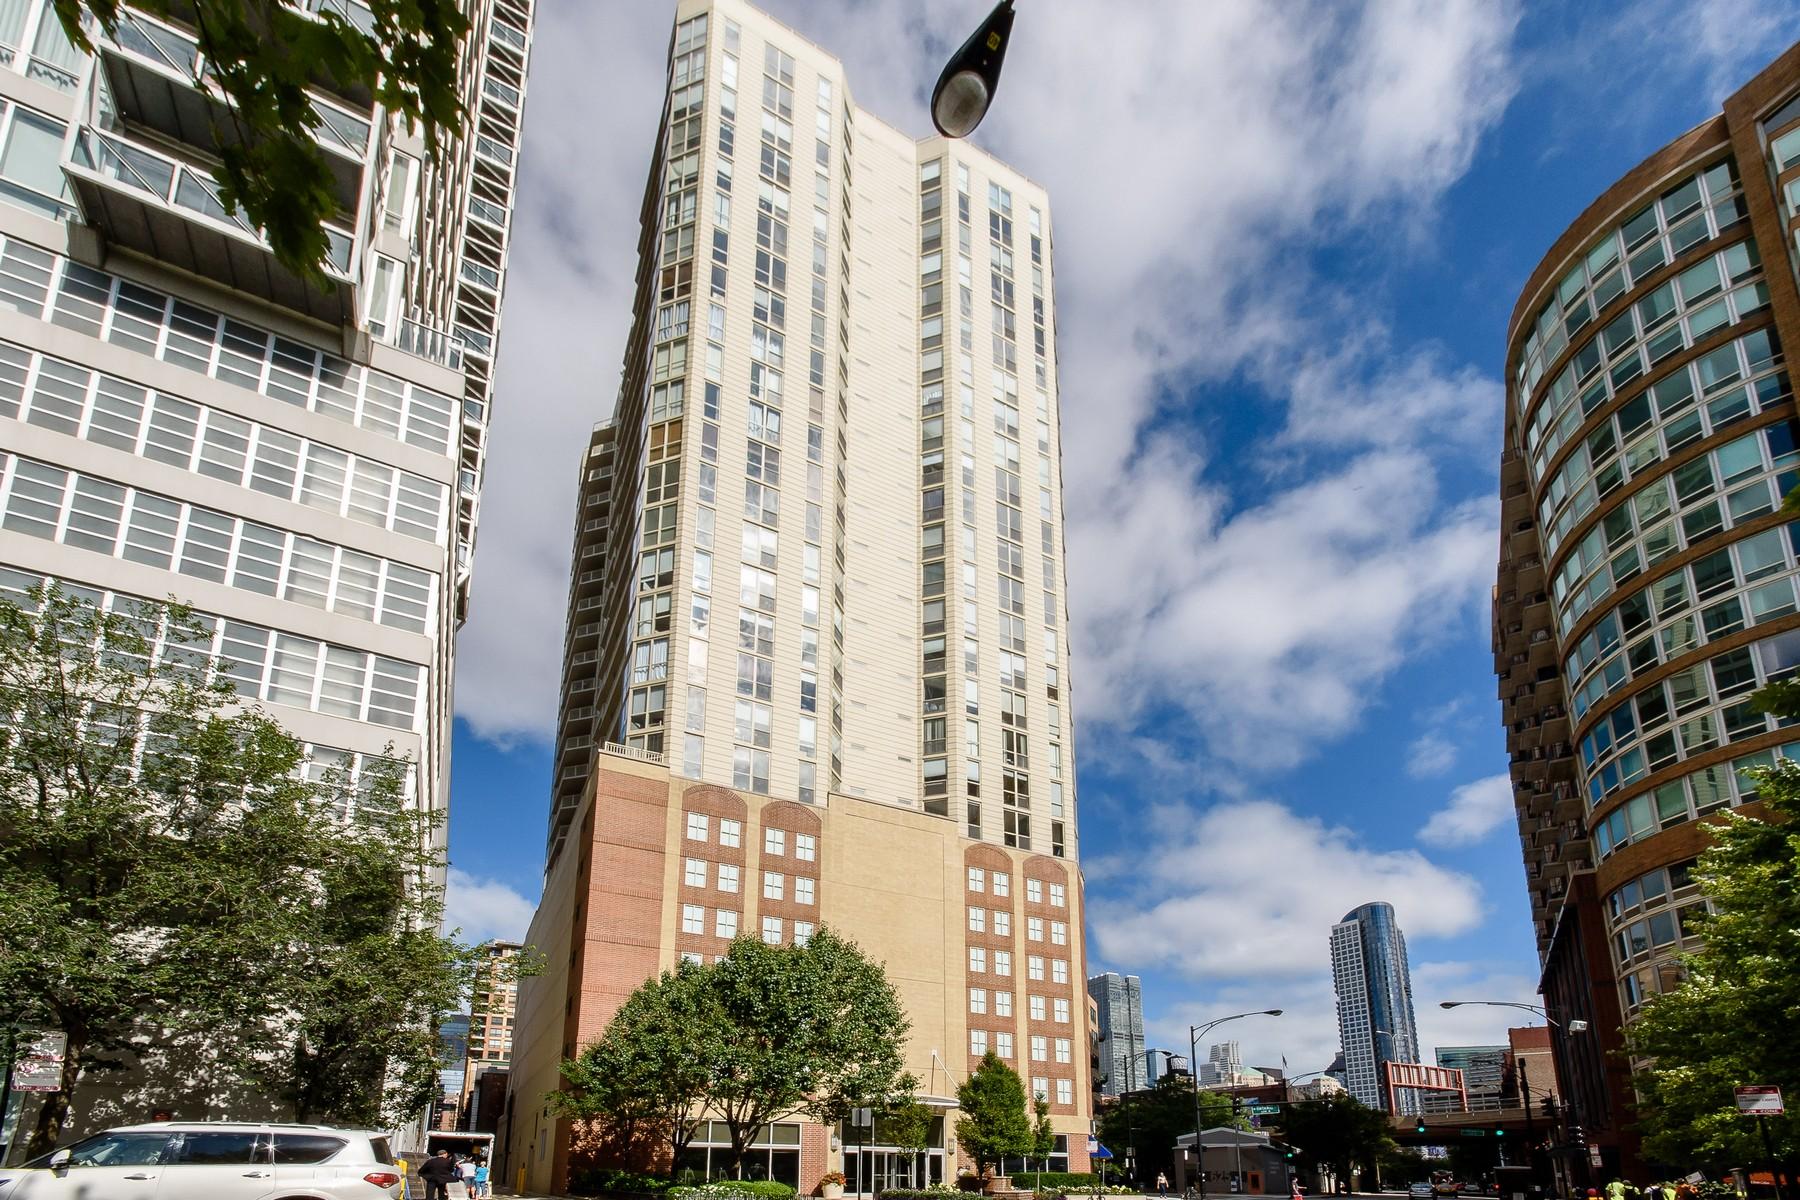 콘도미니엄 용 매매 에 Sunny Corner Unit 645 N Kingsbury Street Unit 1609, Chicago, 일리노이즈, 60654 미국